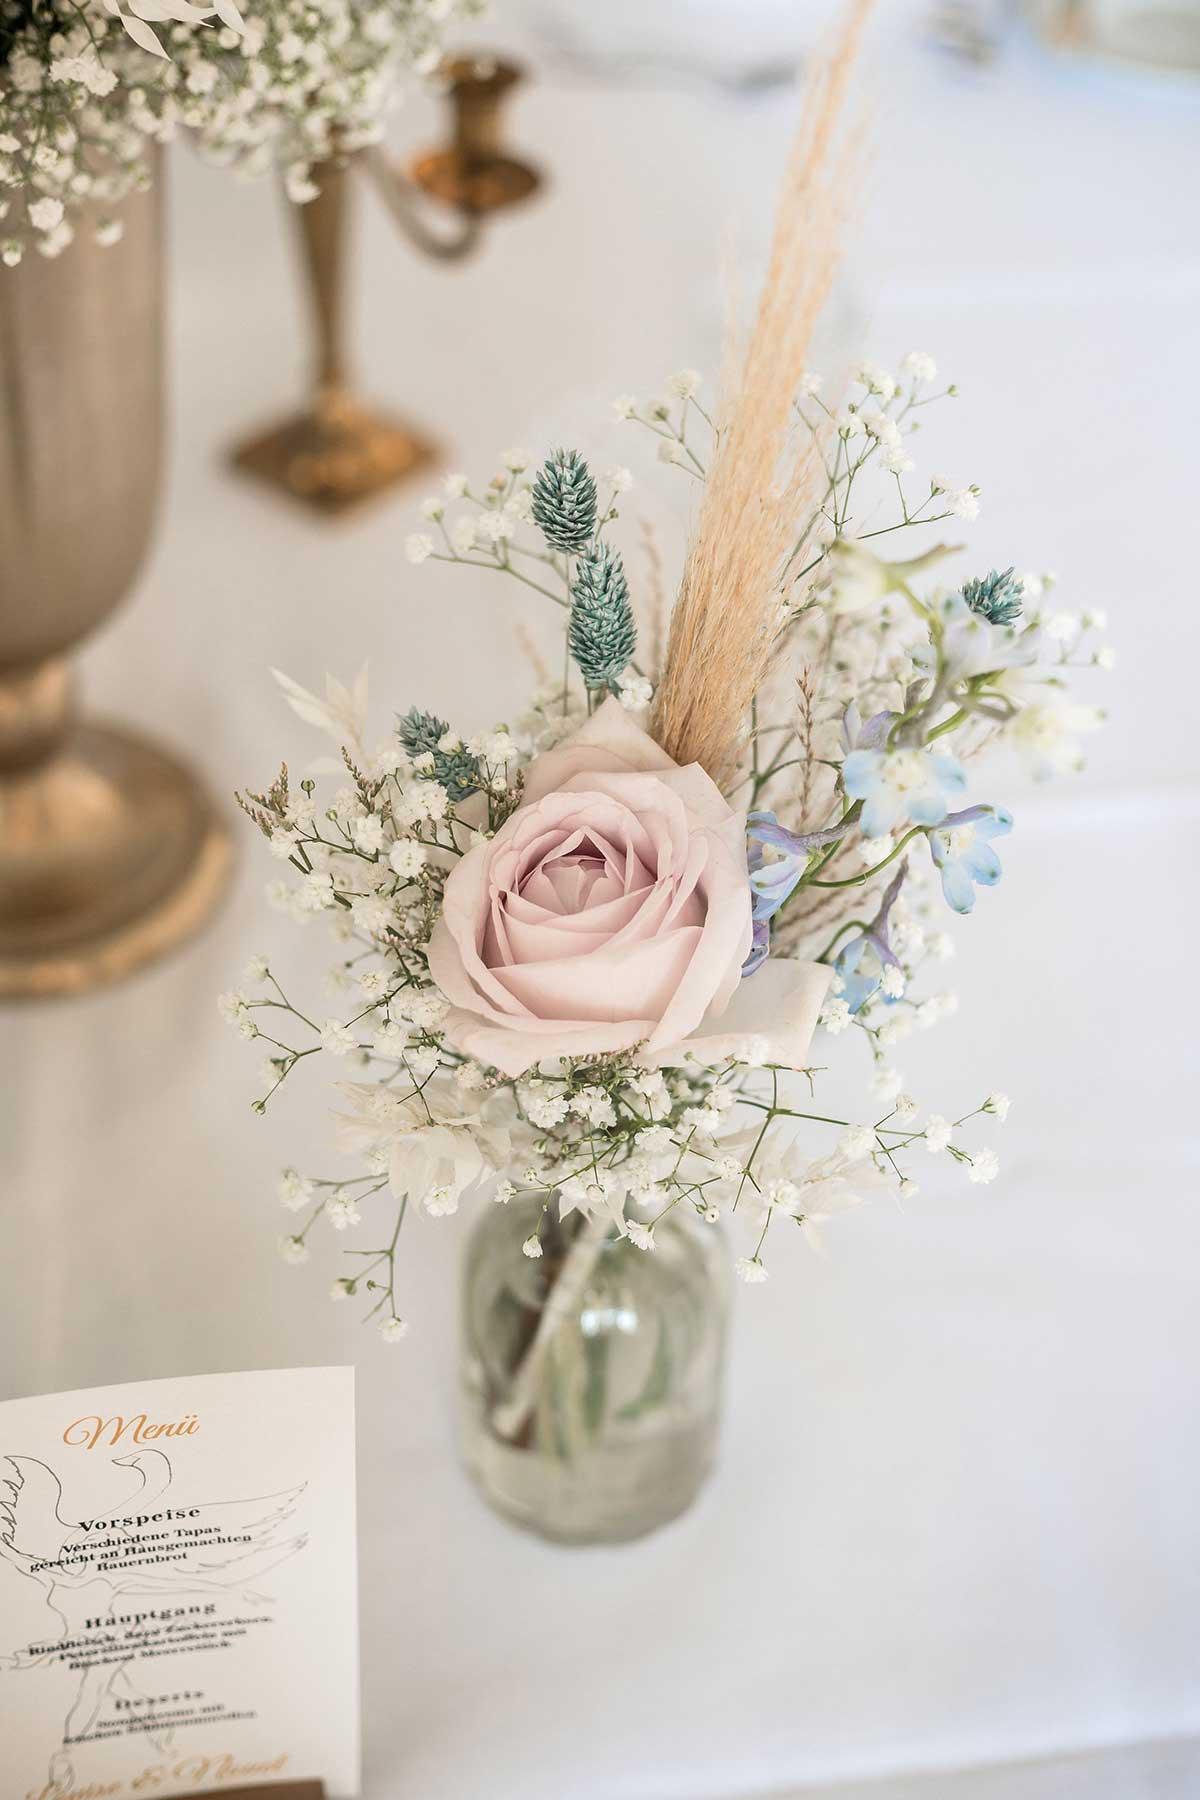 Rosen für die Dekoration der Tische bei der Hochzeit